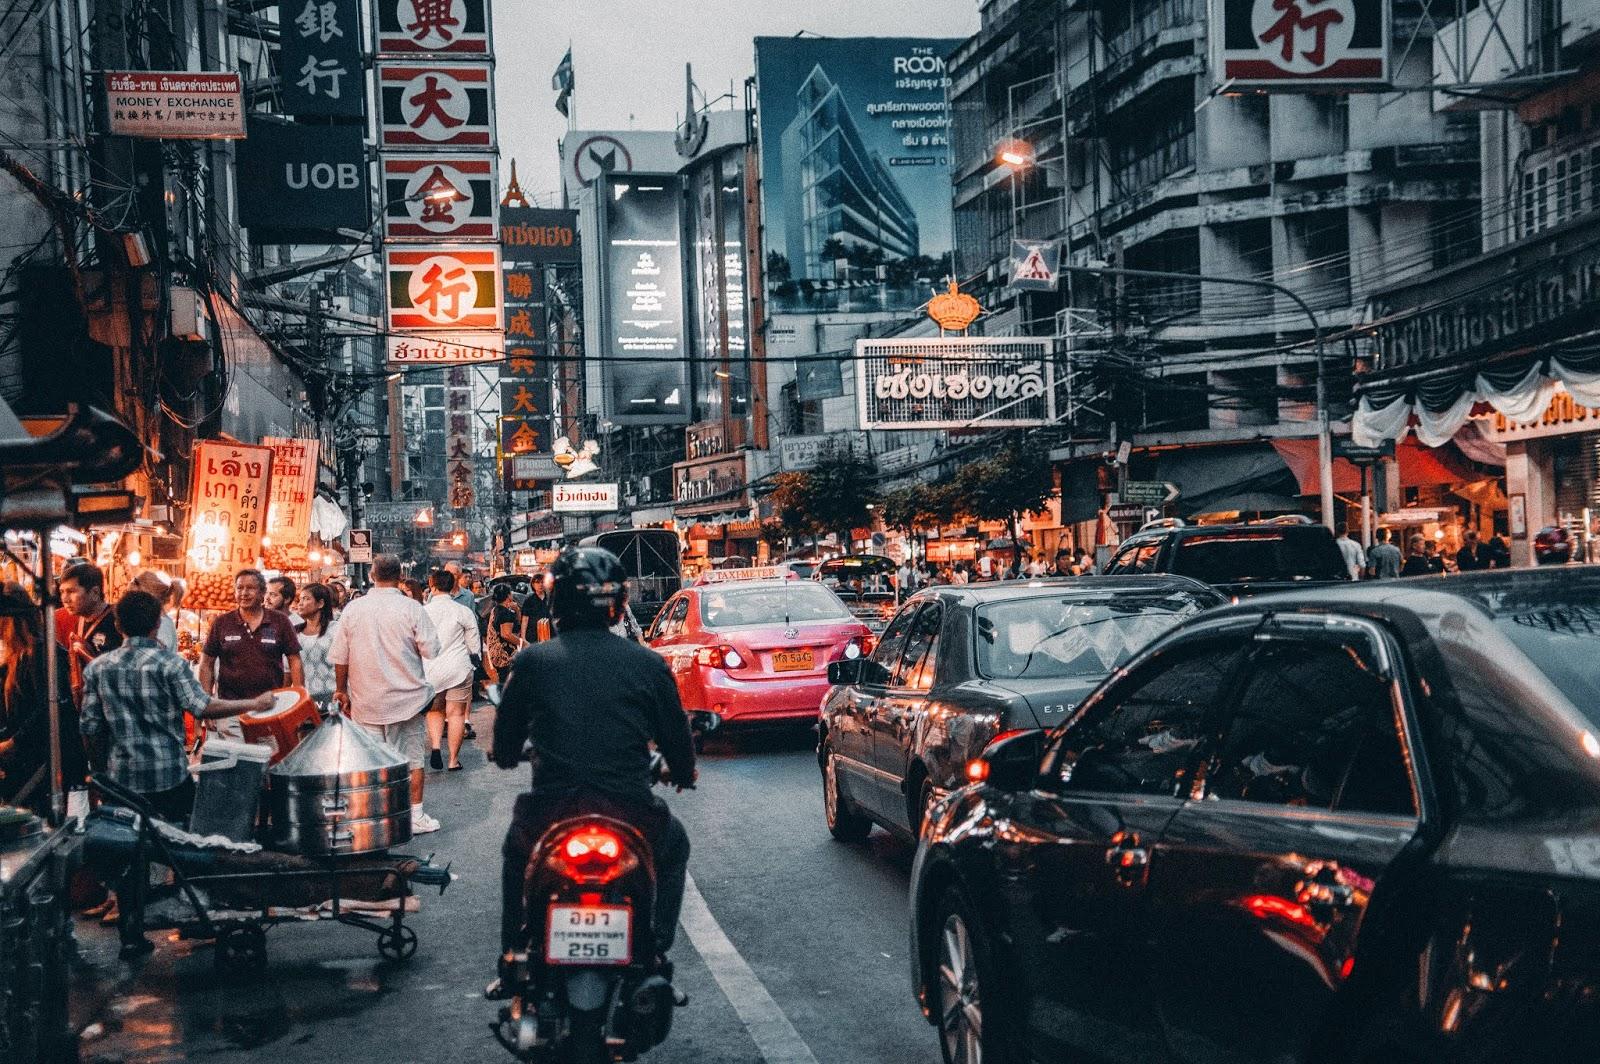 randki w Bangkoku definicja stron randkowych